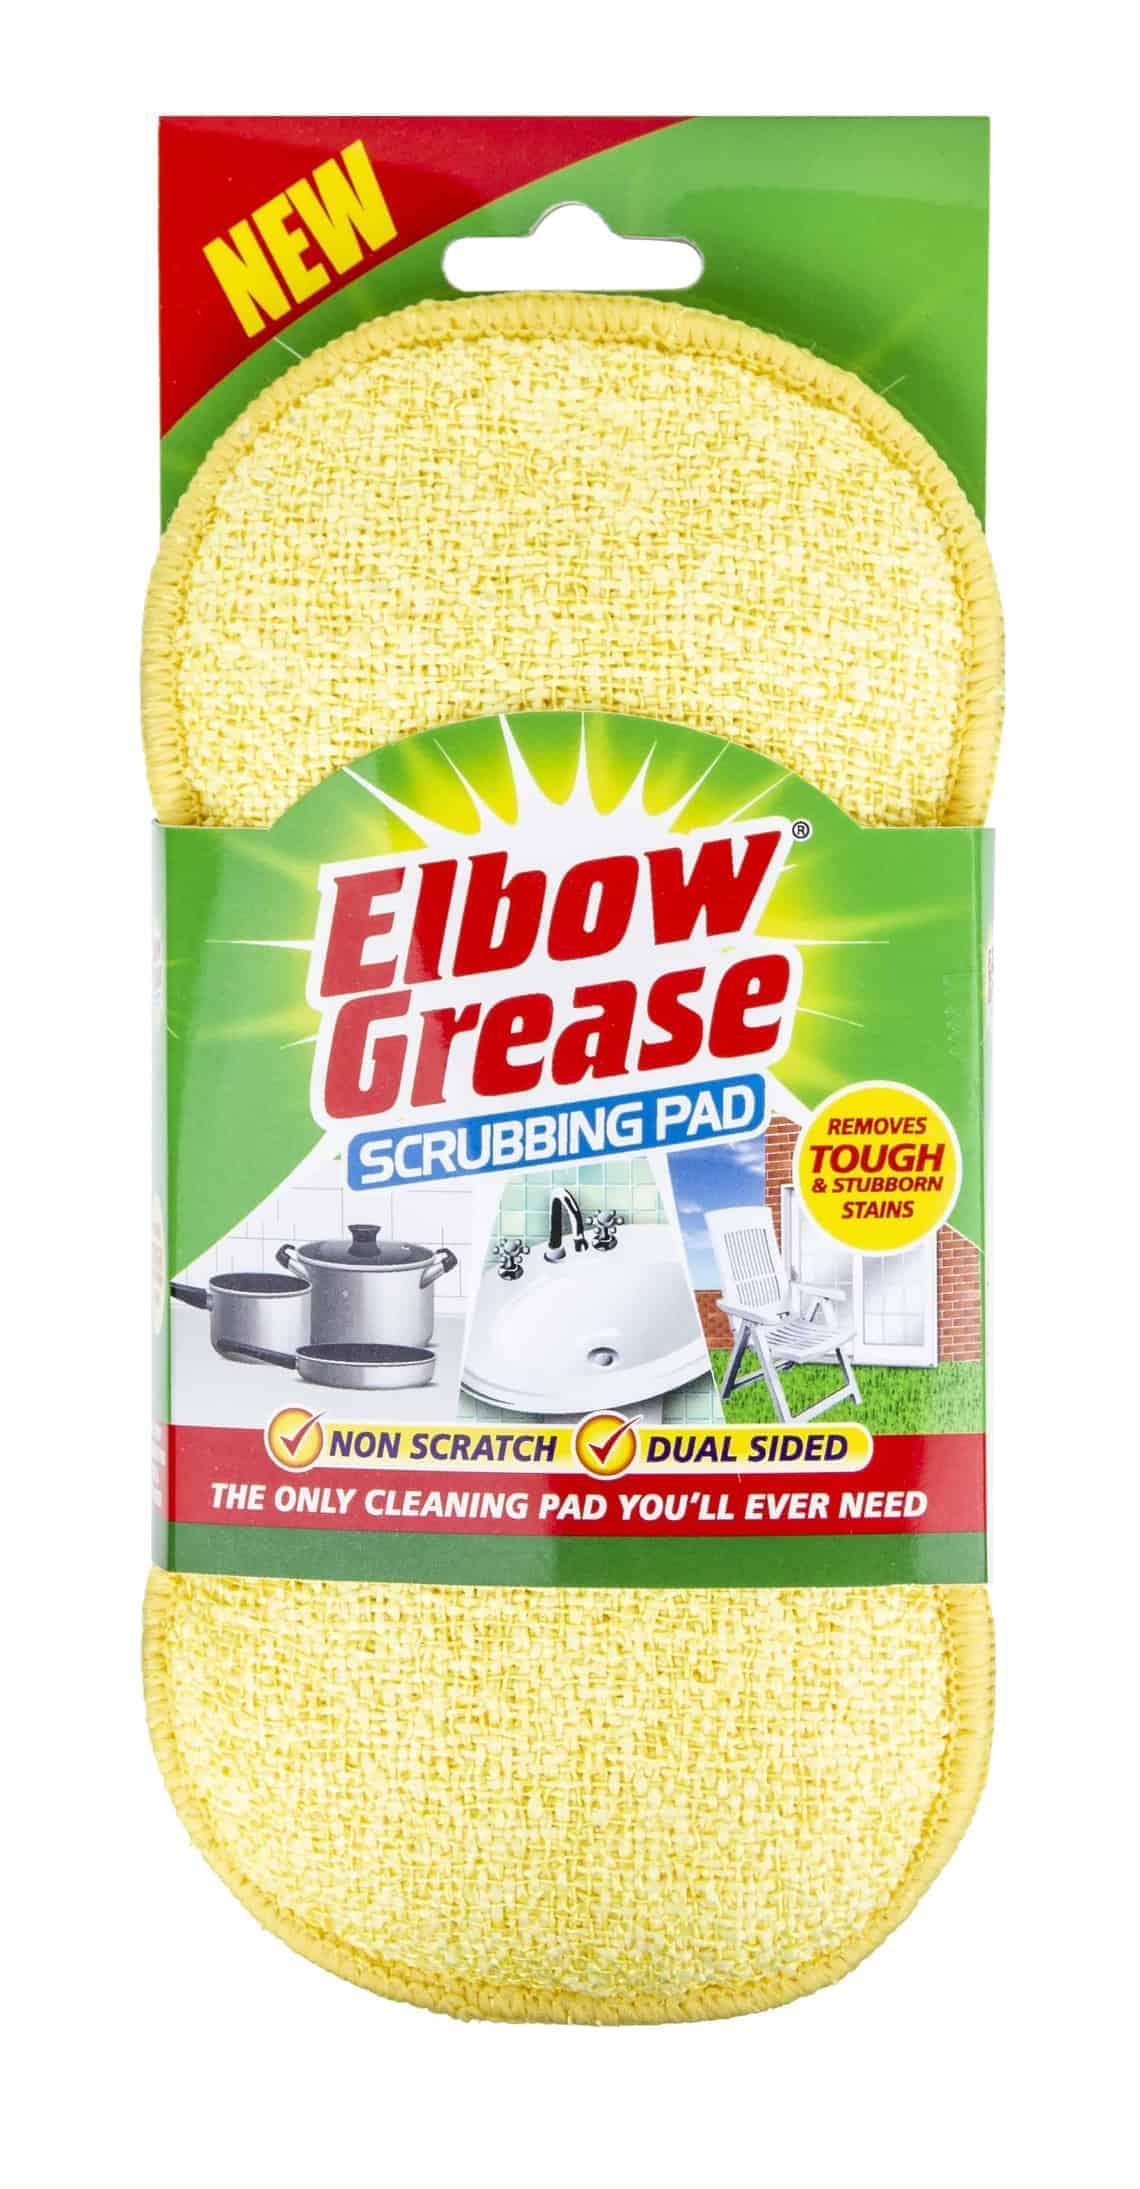 Elbow Grease Scrubbing Pad